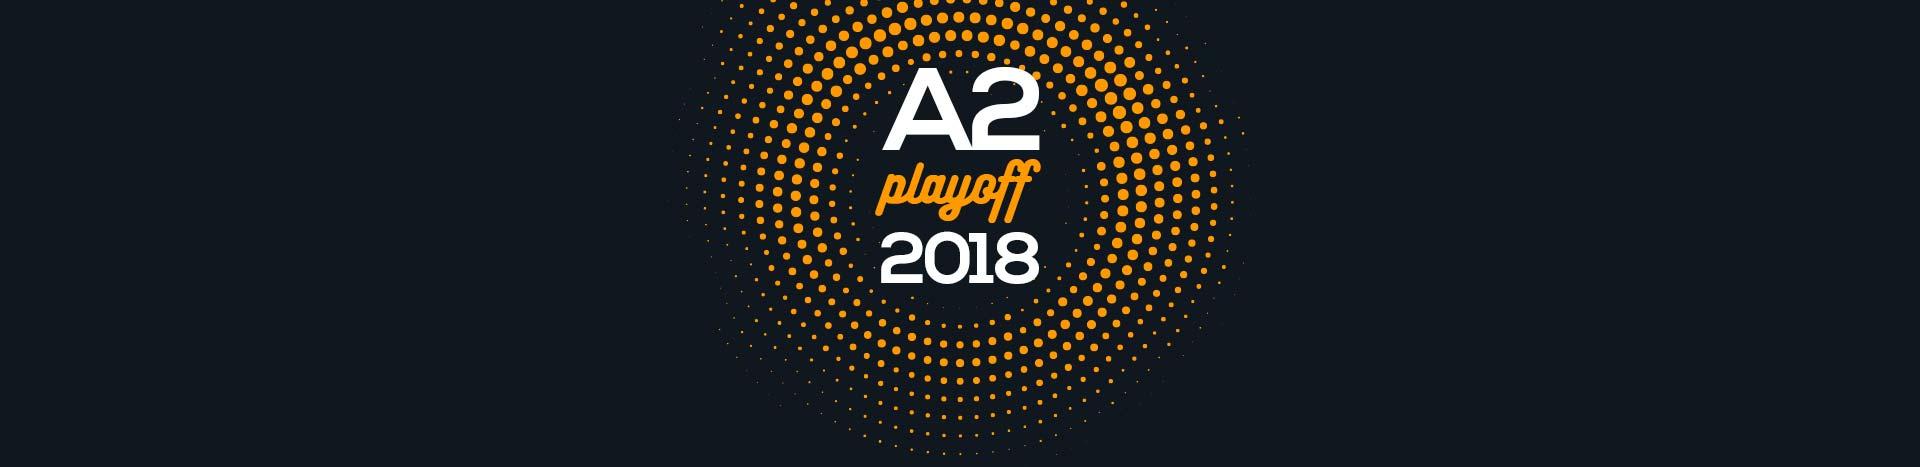 A2 Playoff 2018 Ottavi – Il tabellone, i risultati dei primi match giocati